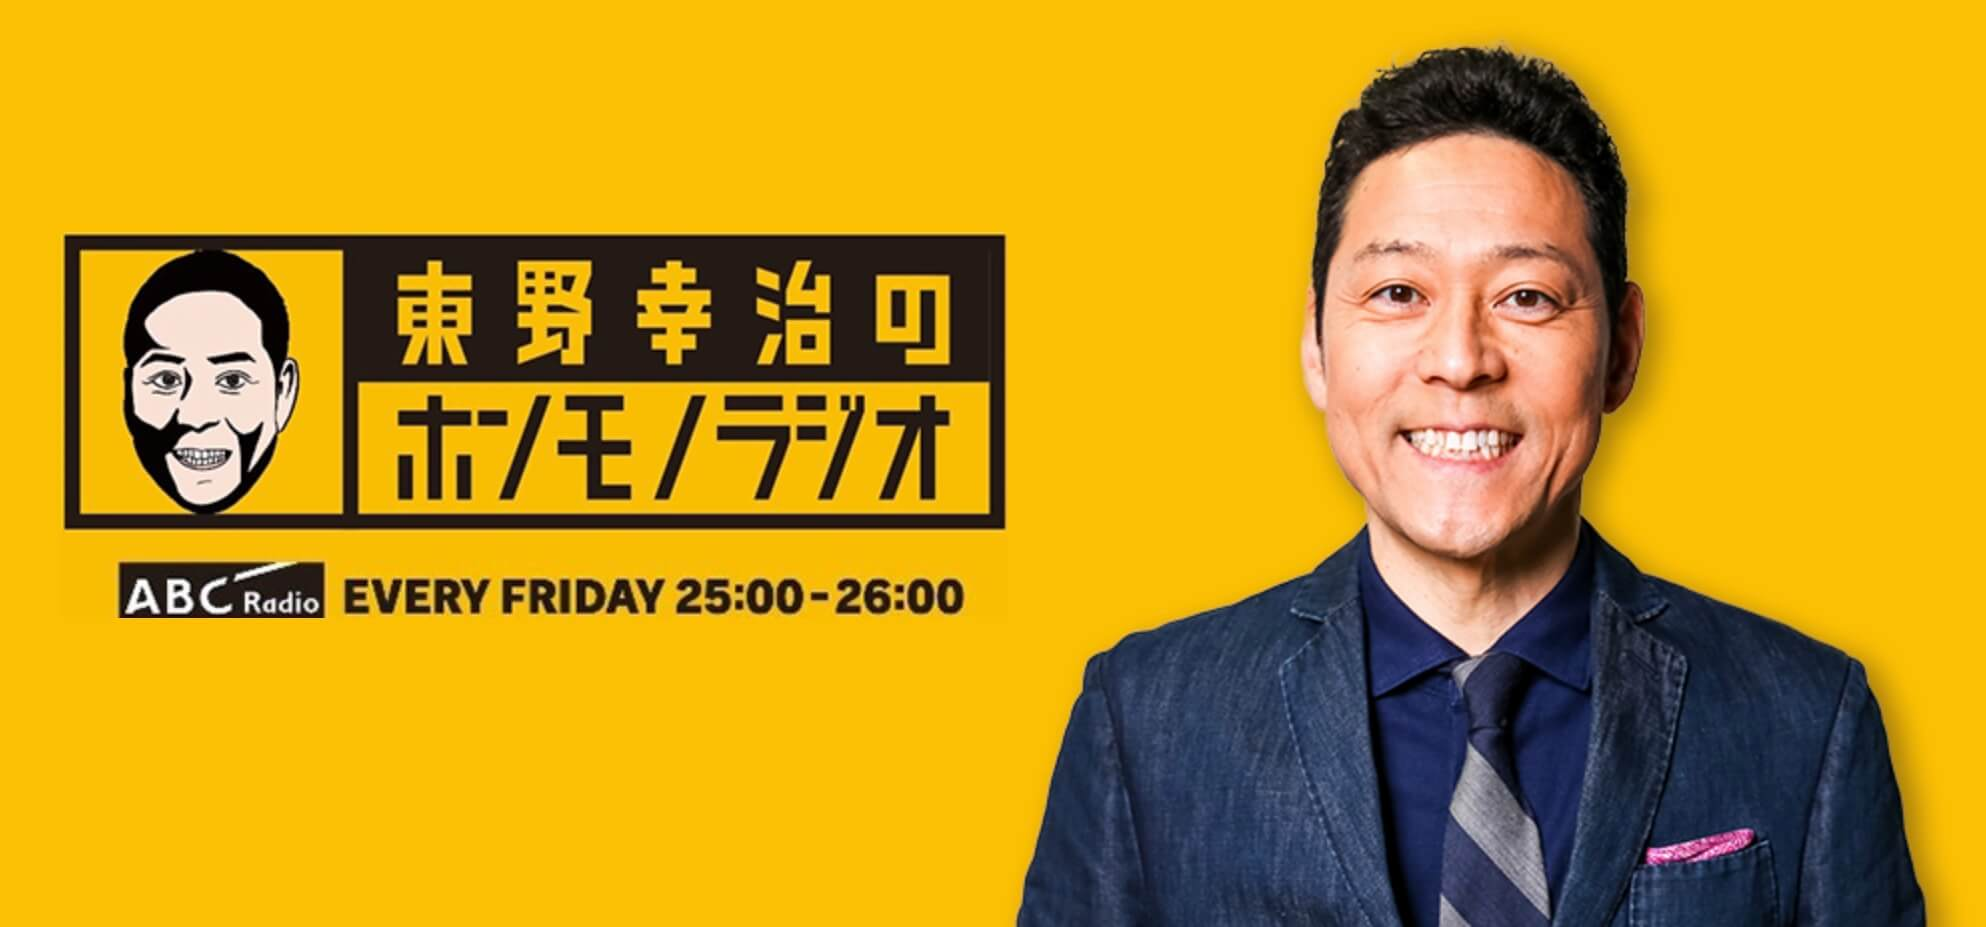 東野幸治のホンモノラジオ